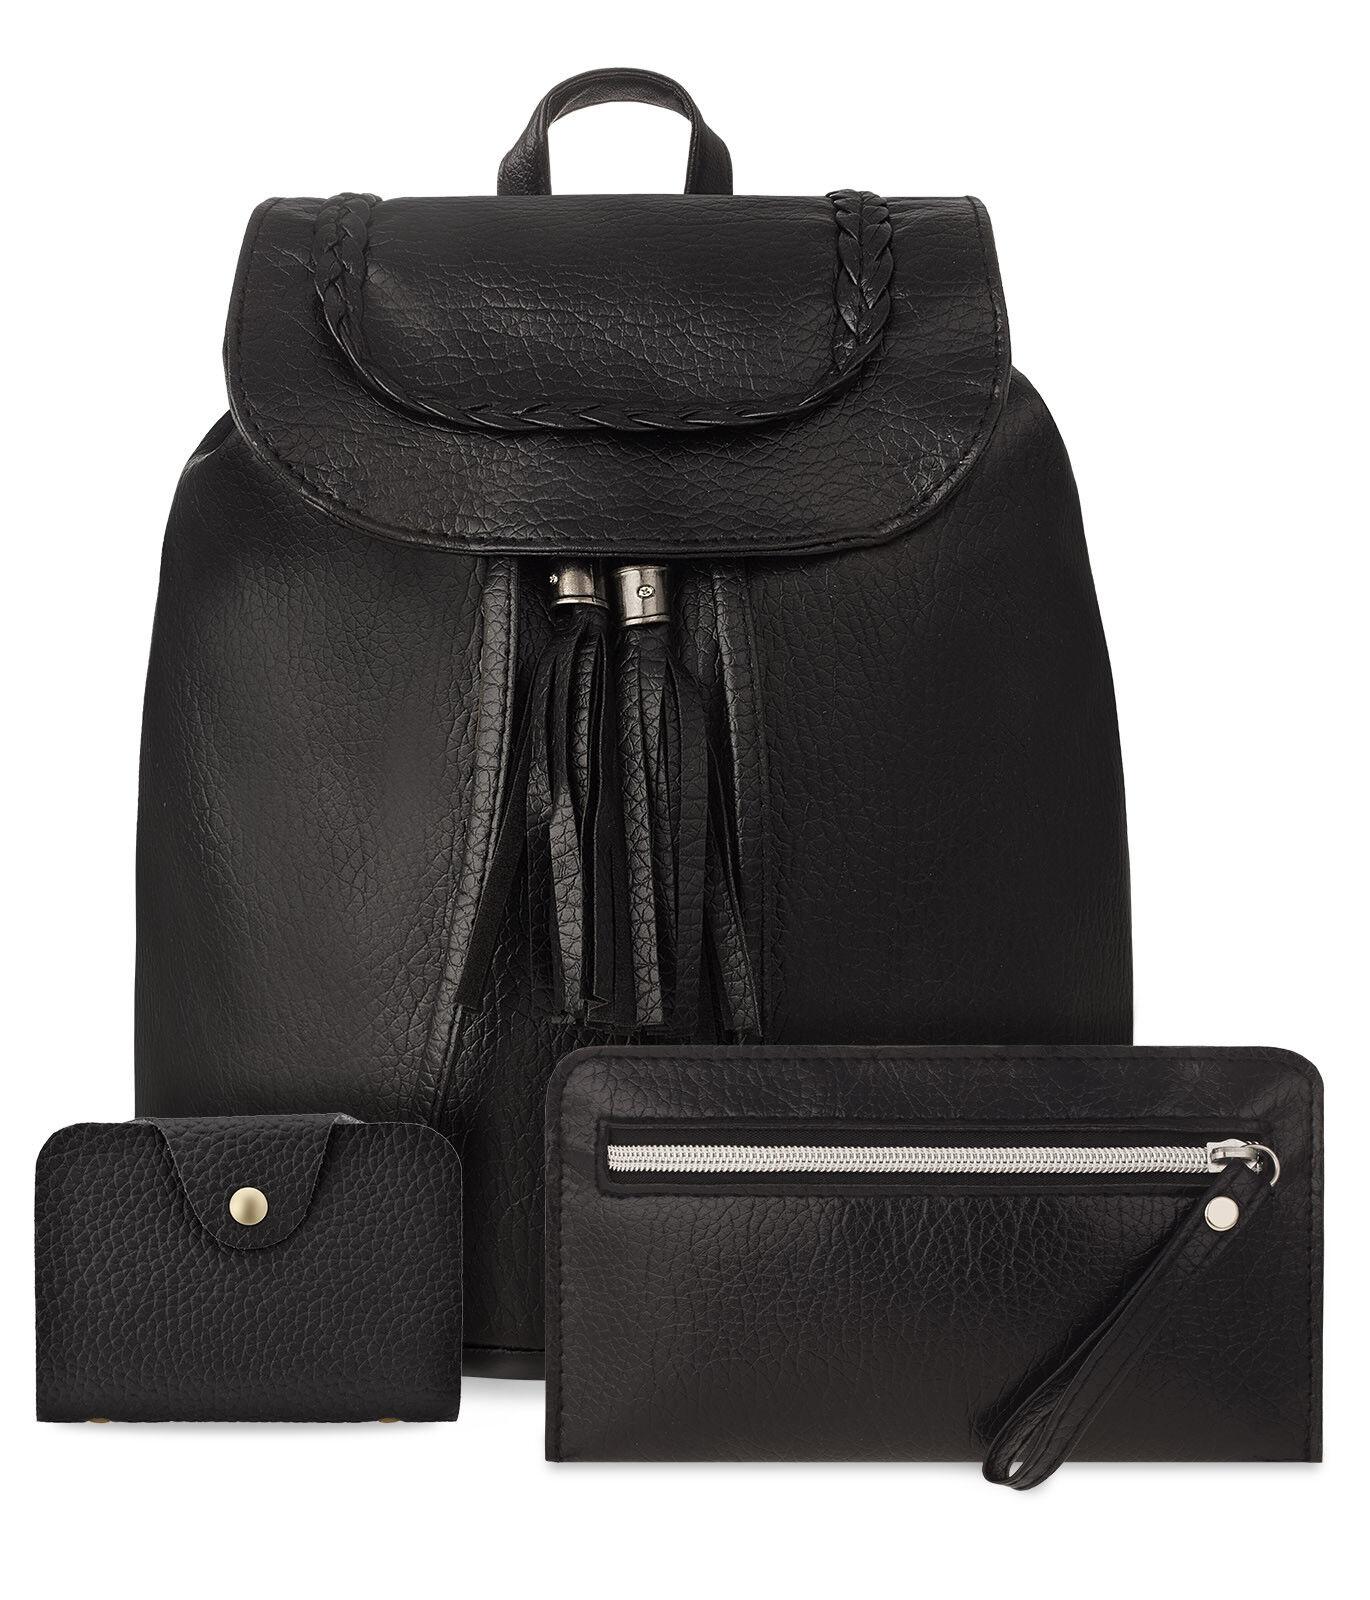 Damen Rucksack mit Fransen Anhänger 3 in 1 Handgelenktasche Etui schwarz